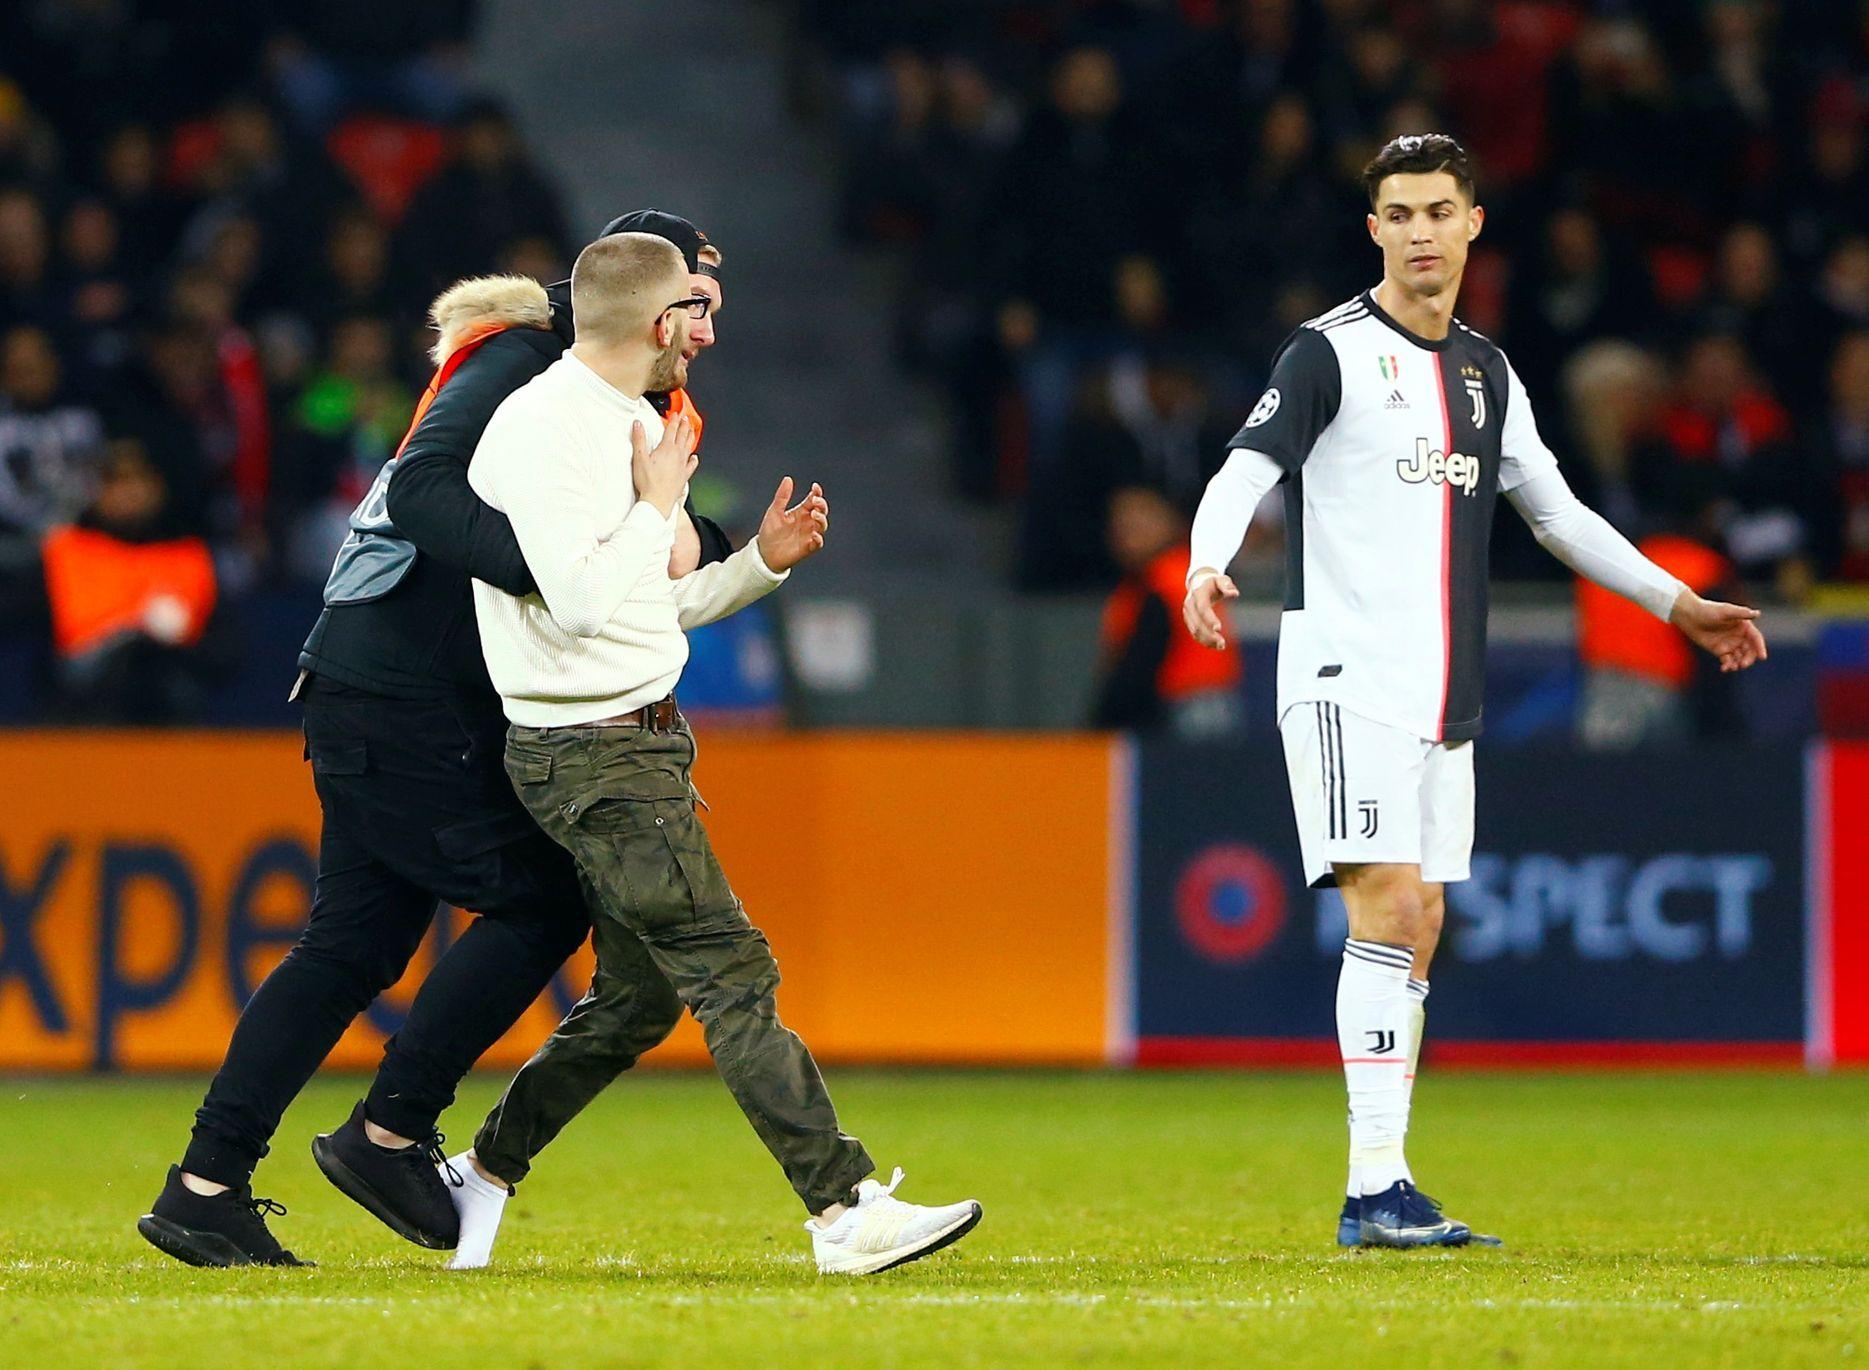 O tuhle selfie Ronaldo nestál. Rozezlenou hvězdu uklidňoval i Buffon